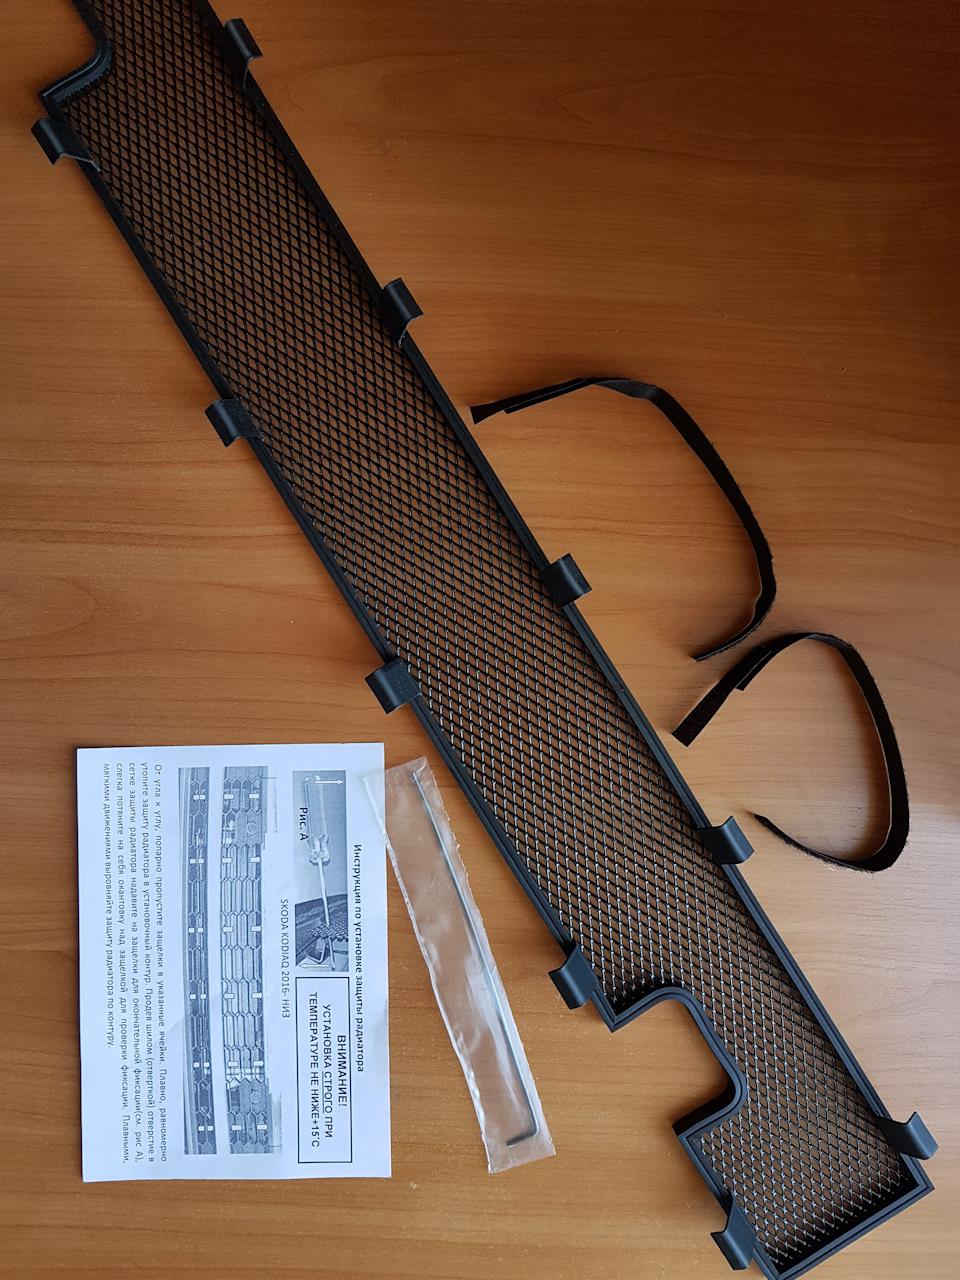 x0AAAgPGX2A-960.jpg